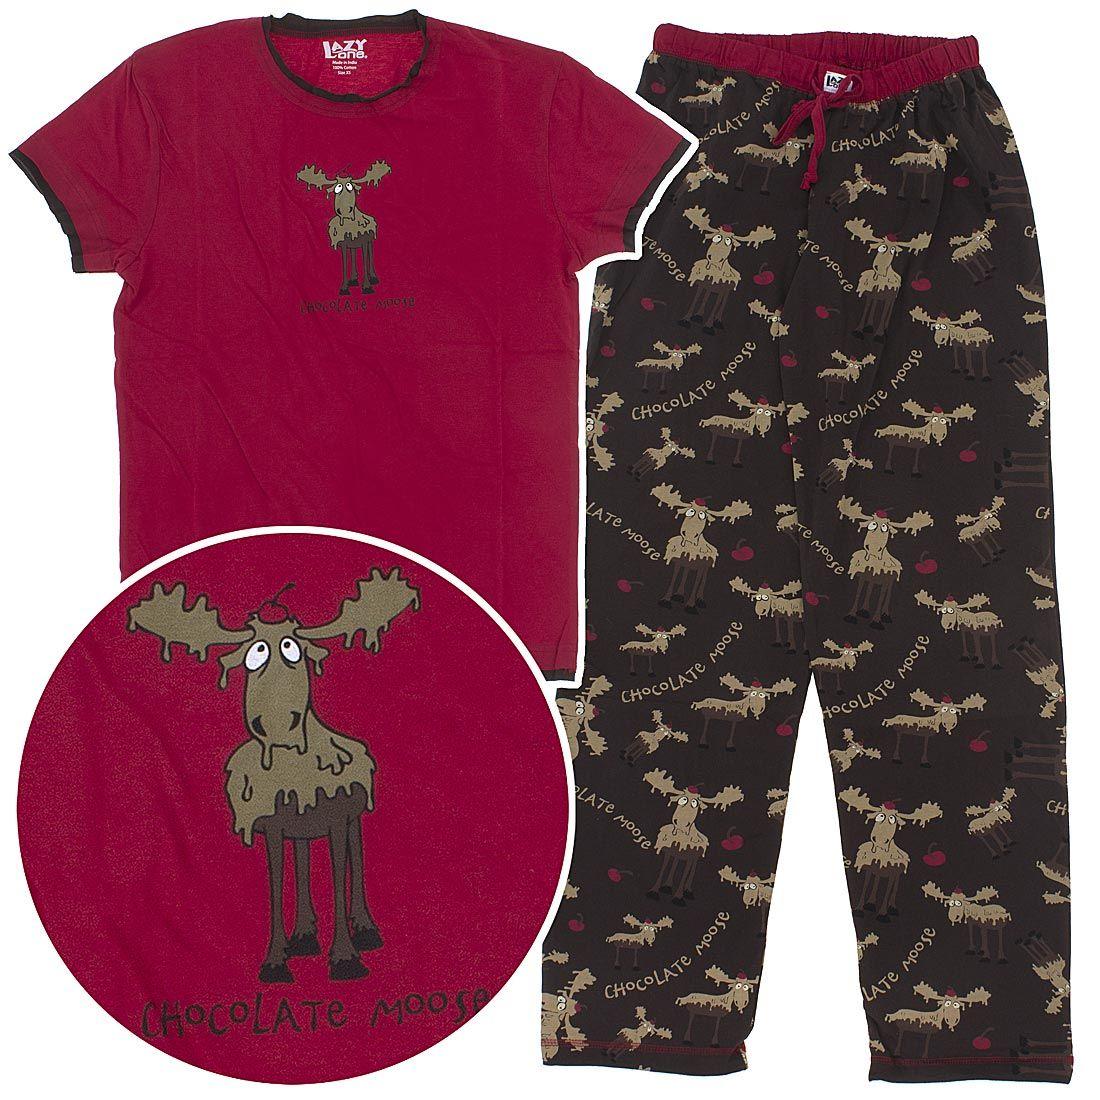 ebf42578280d Lazy One Chocolate Moose Cotton Pajamas for Women - Lazy One Pajamas    Nightshirts